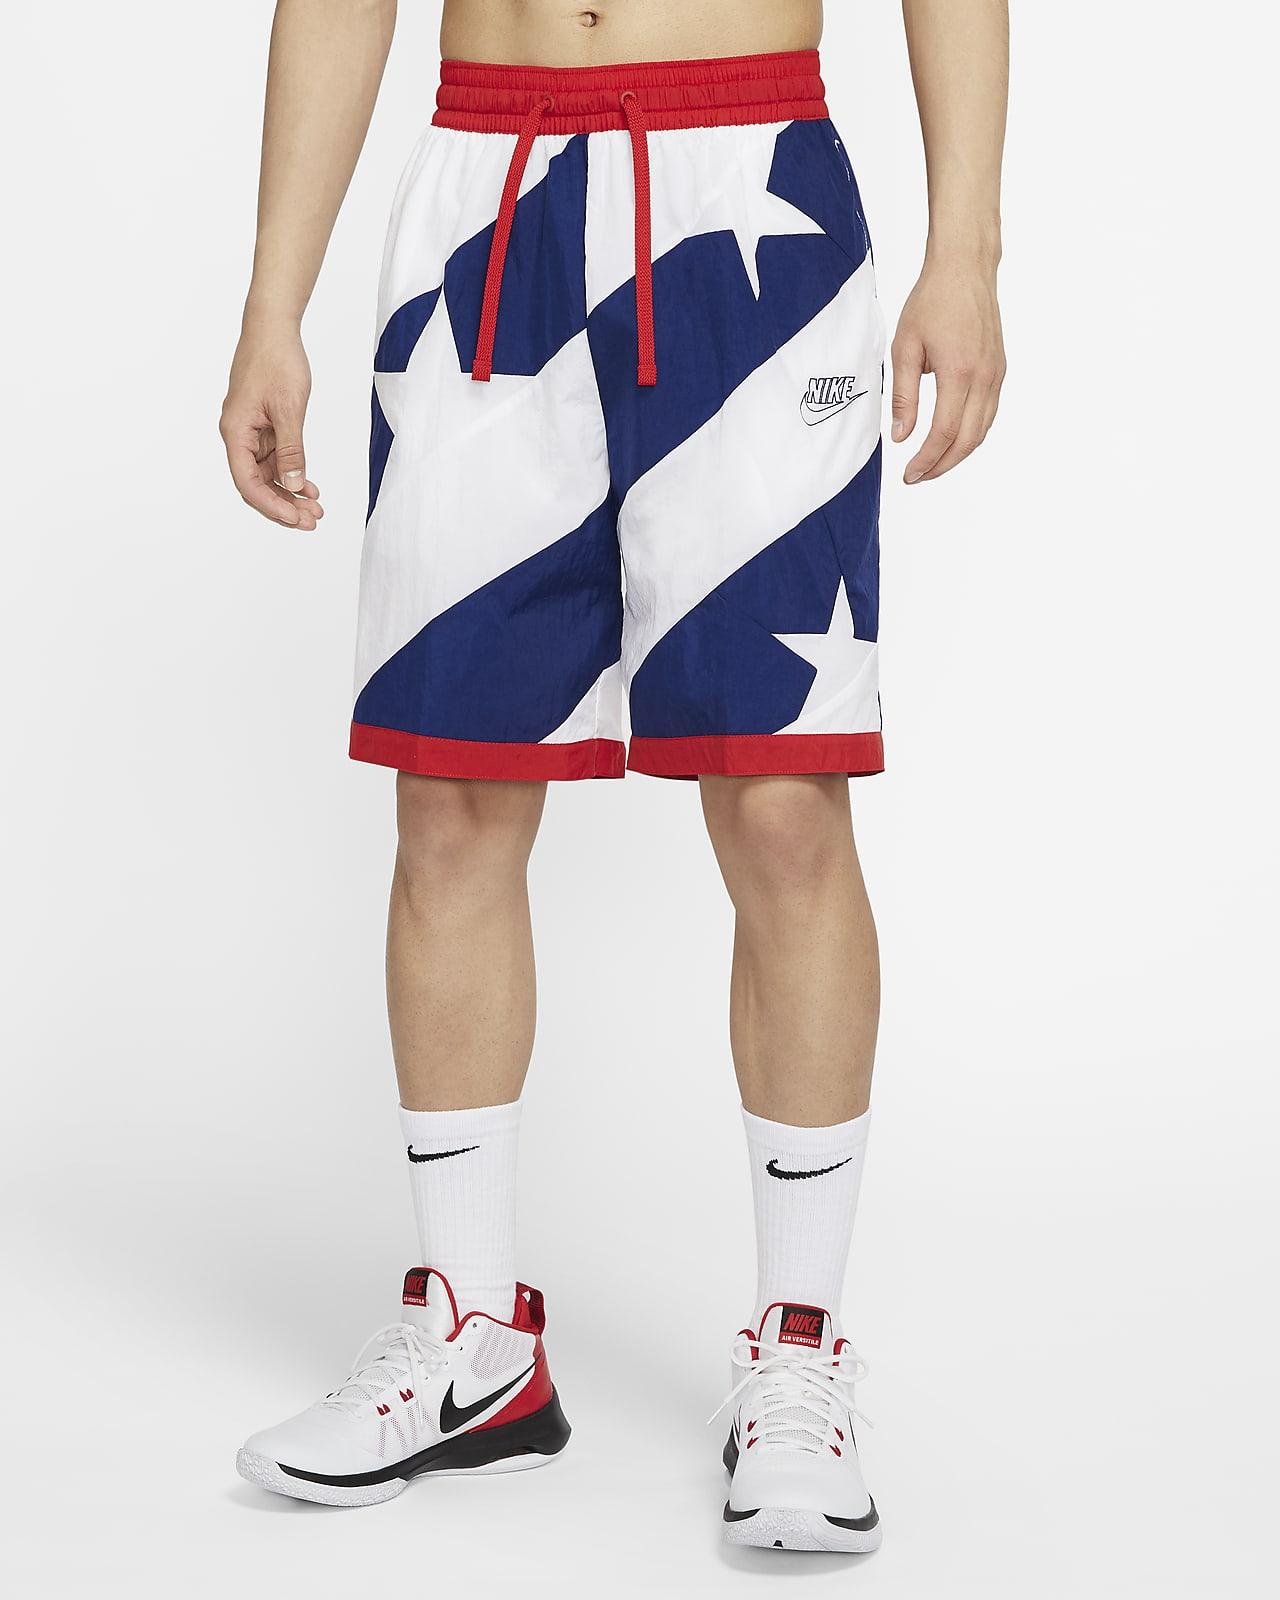 Short de basketball Nike Dri-FIT Throwback pour Homme